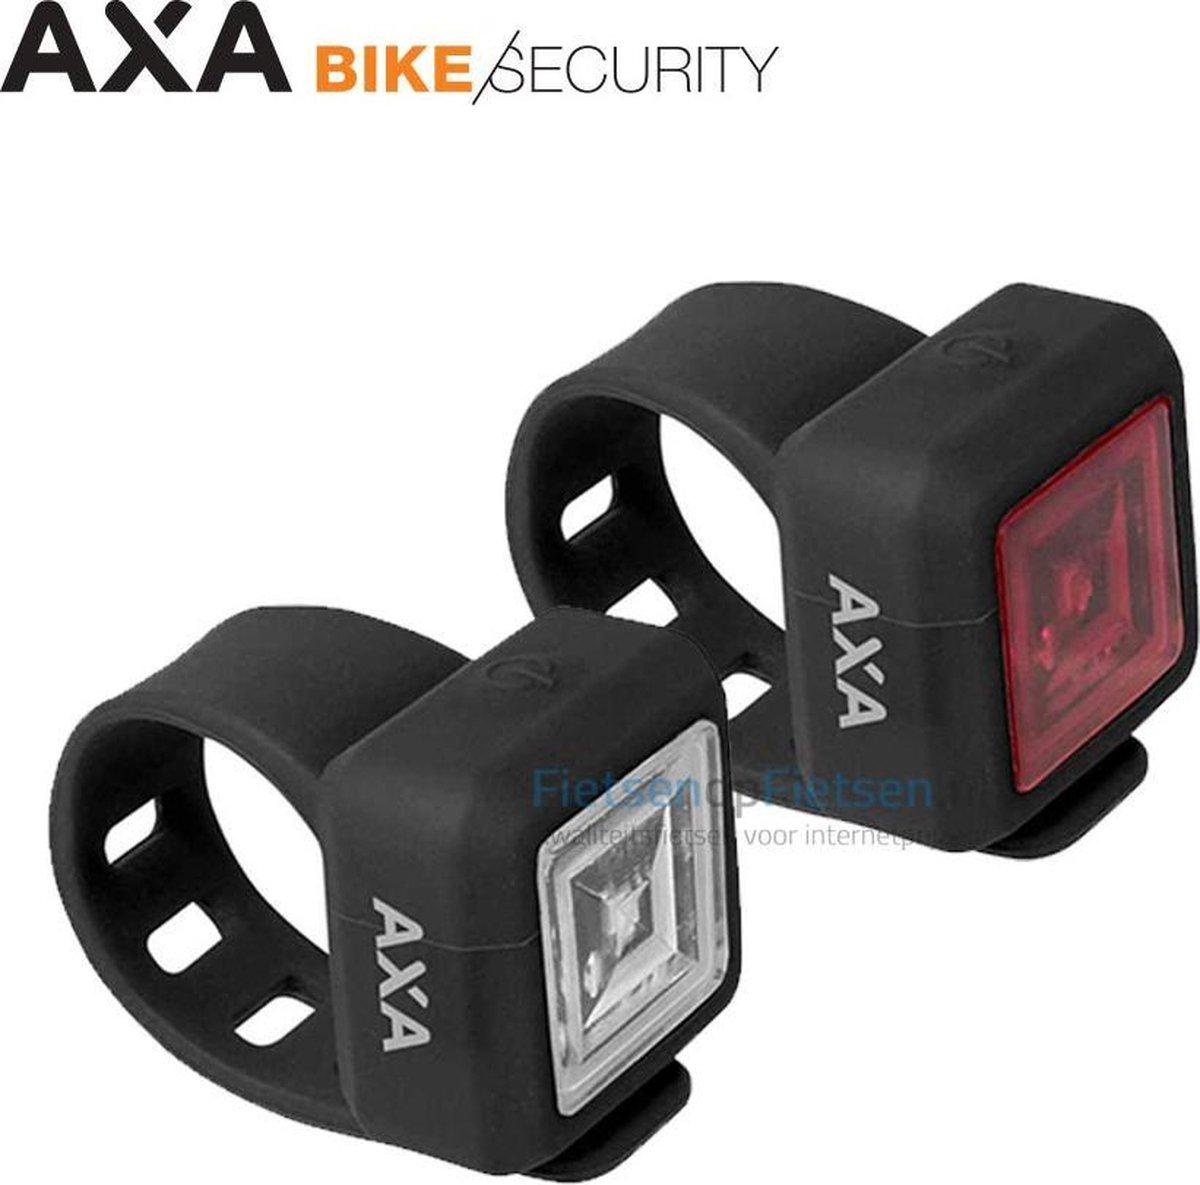 AXA Niteline 11 Fietsverlichtingsset - Batterij - LED